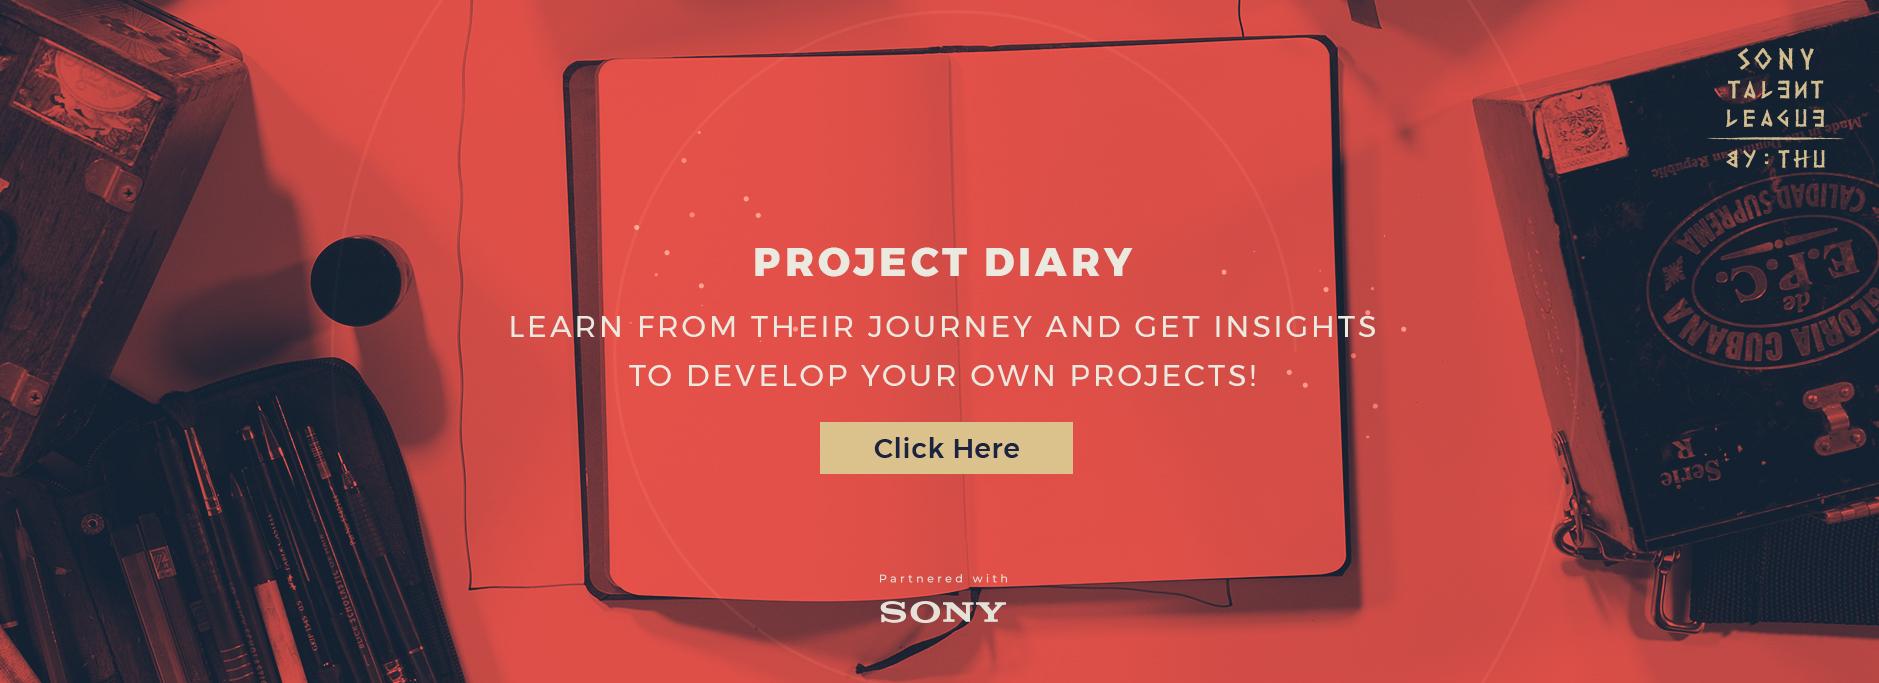 STL - Project Diaries 2